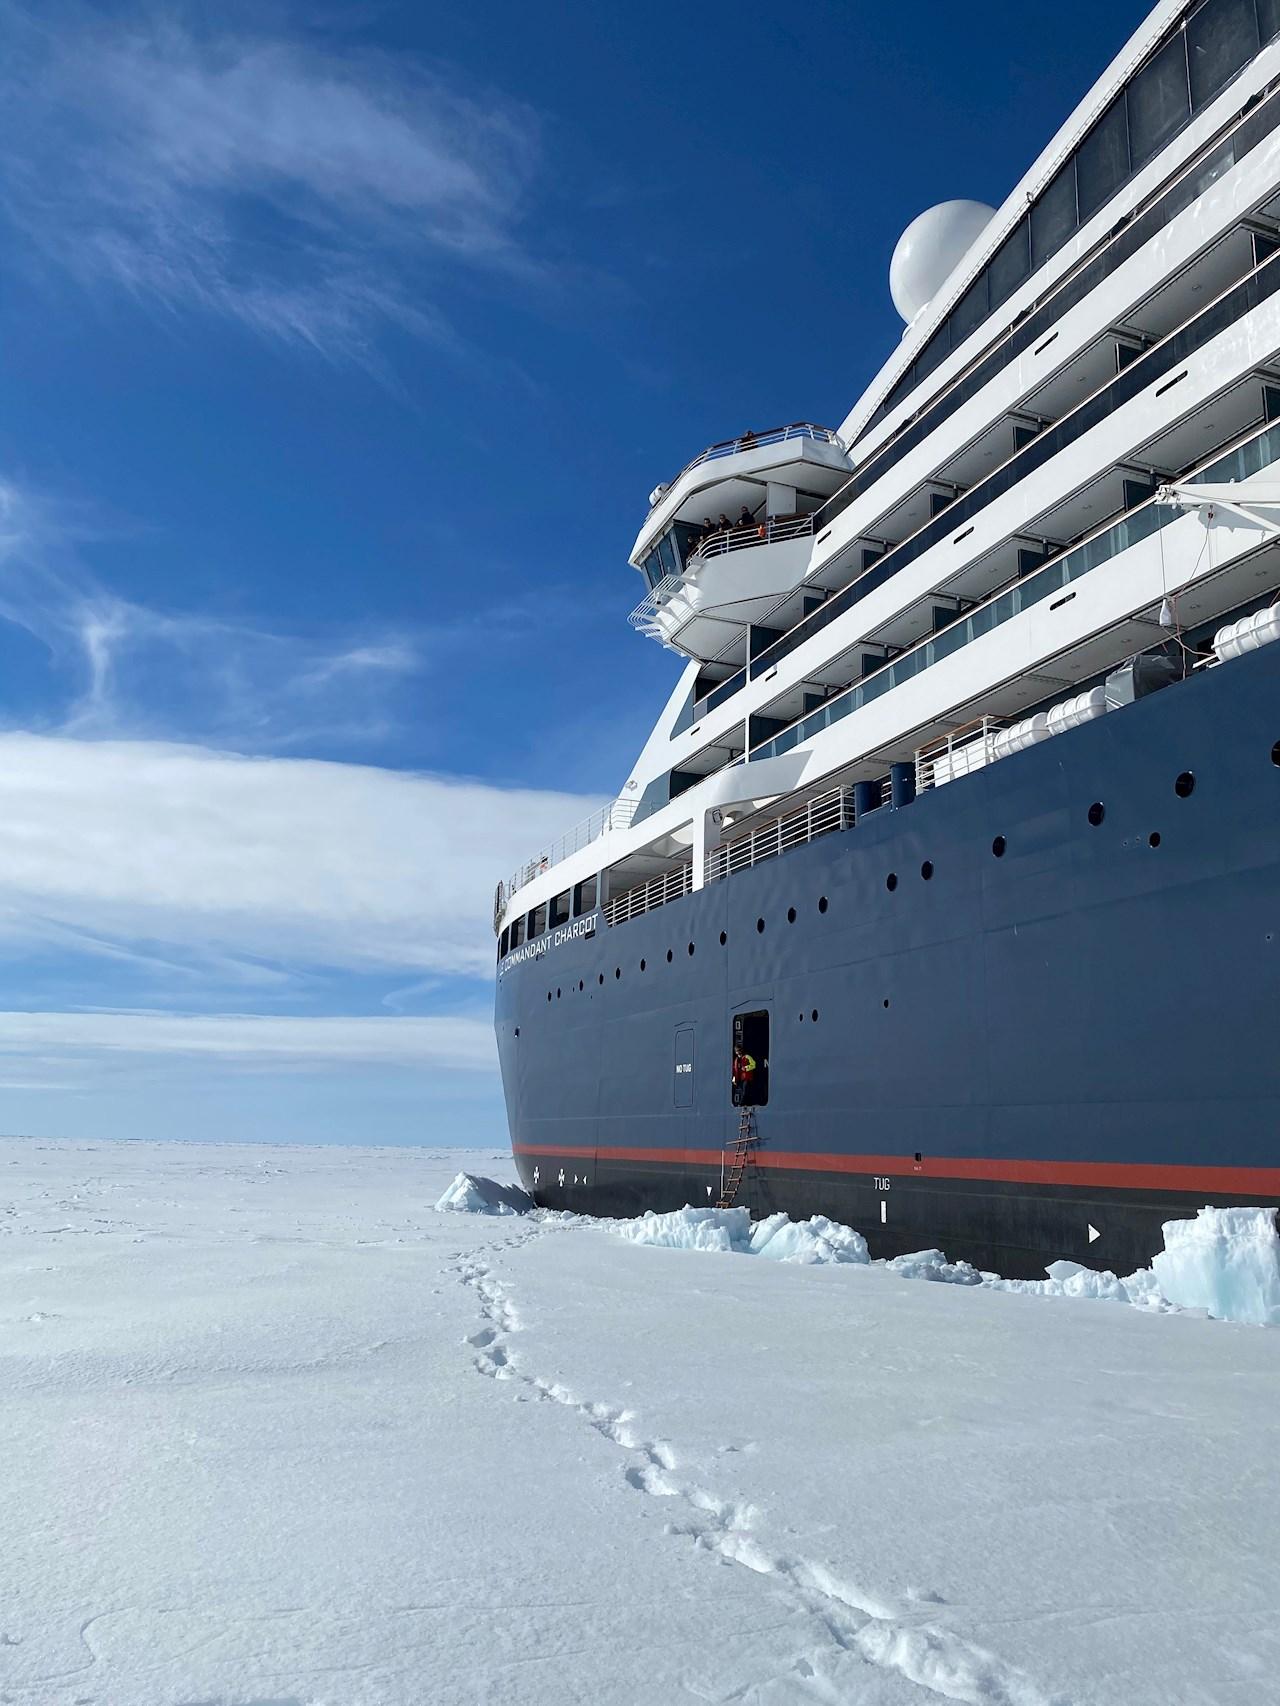 Det högspecifika kryssningsfartyget kommer att dra nytta av fjärrövervakning och diagnostik av utrustning för ökad säkerhet för passagerare och fartyg - tjänster som är särskilt viktiga för fartyg som trafikerar de mest avlägsna delarna av världen (©PONANT-Nicolas Dubreuil).